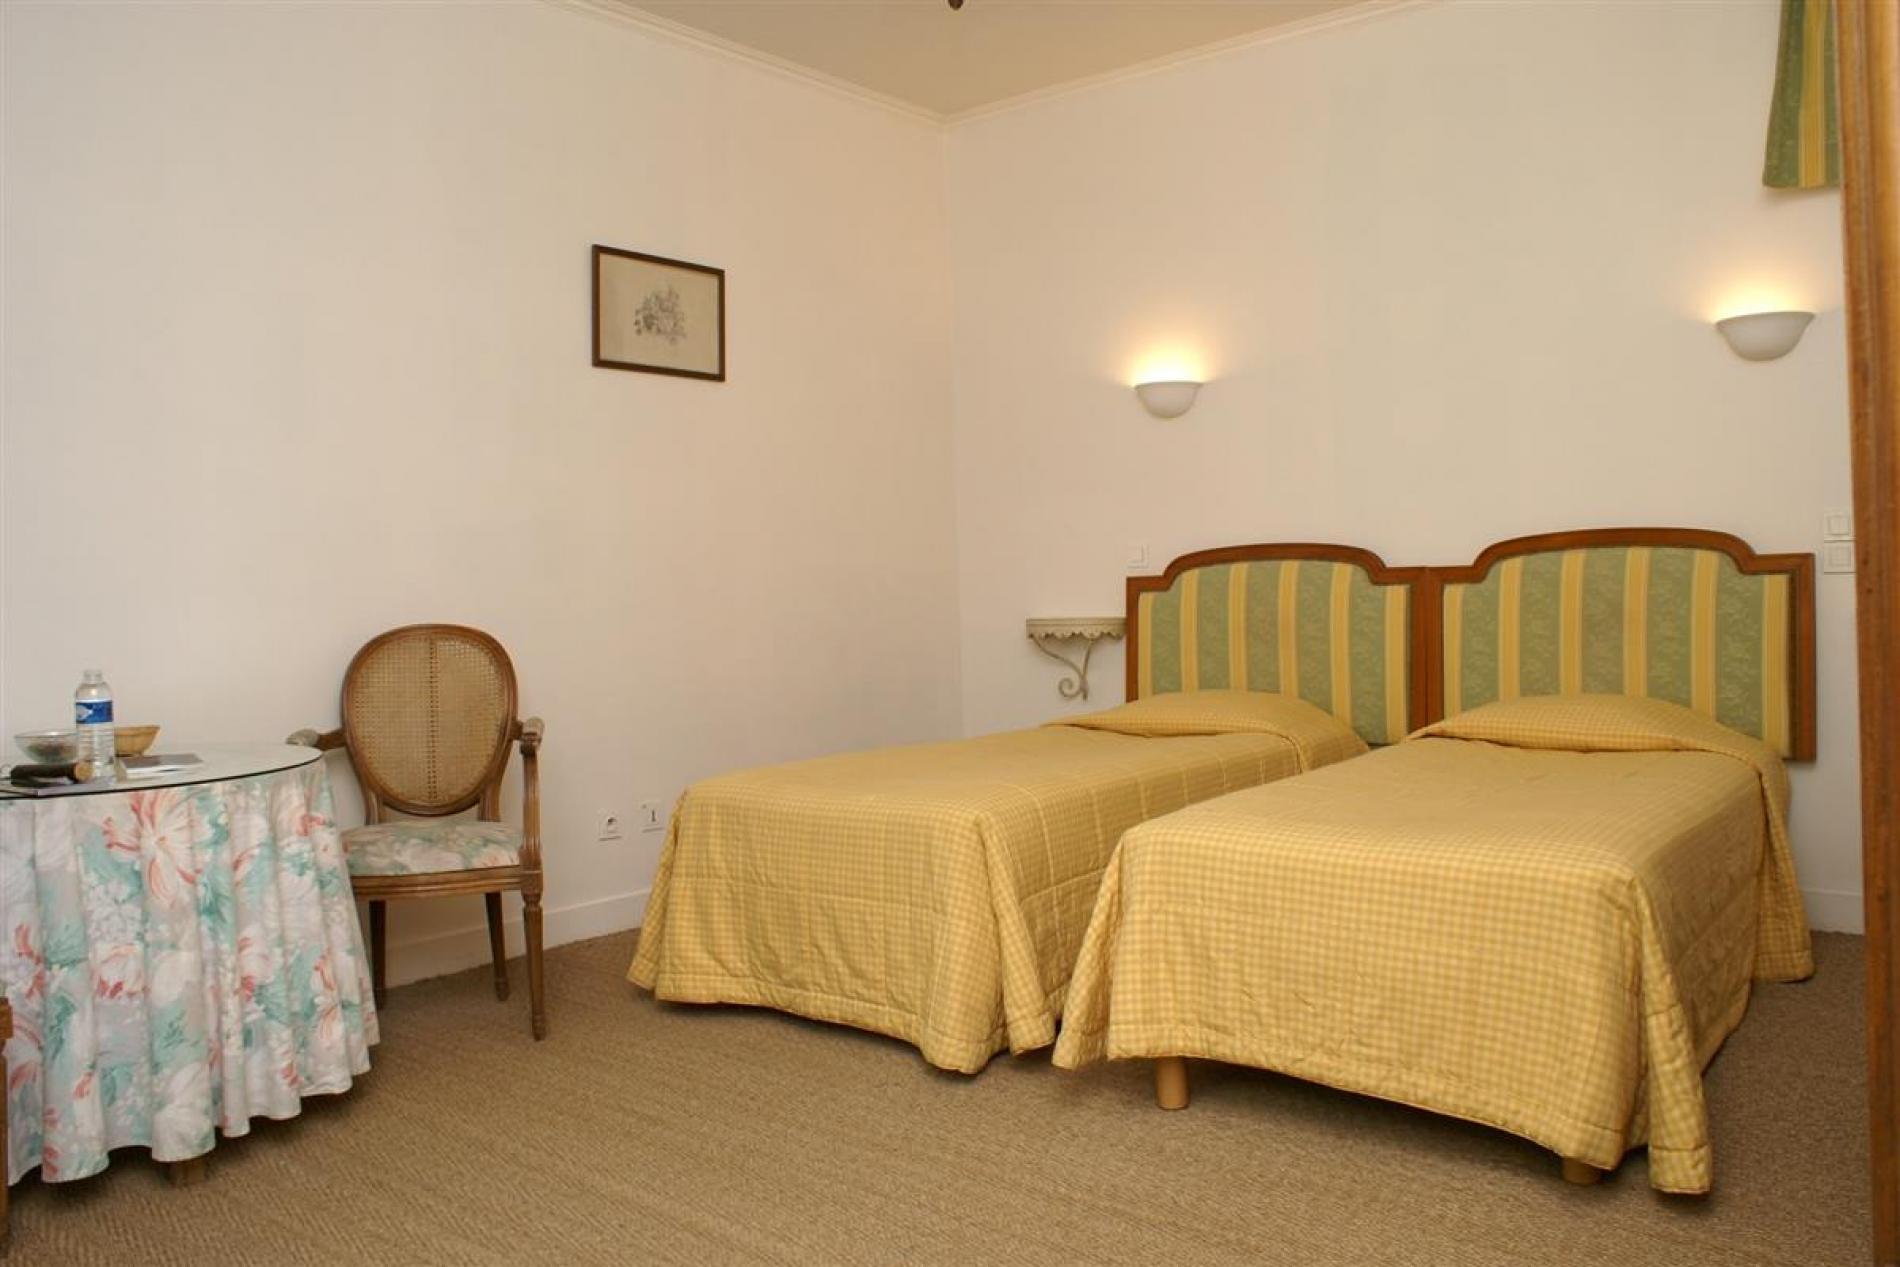 Chambres d'hôtel près de Tours